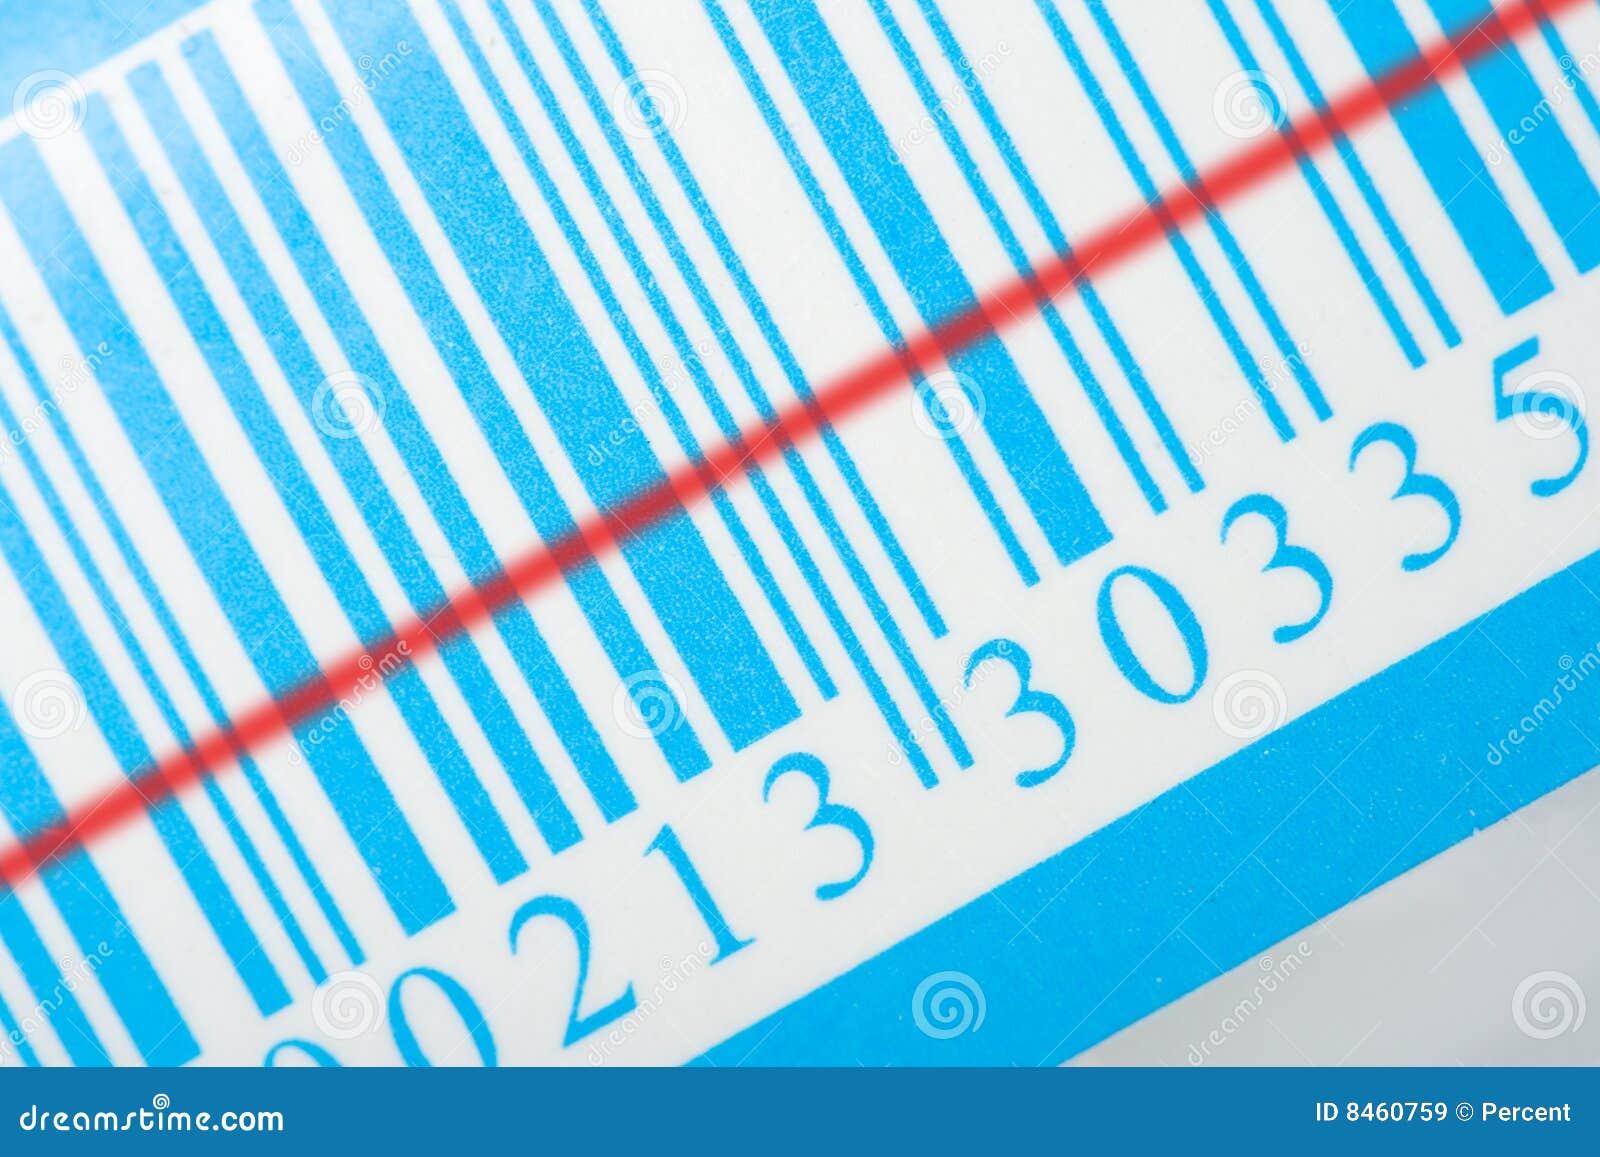 Blå laser-remsa för barcode